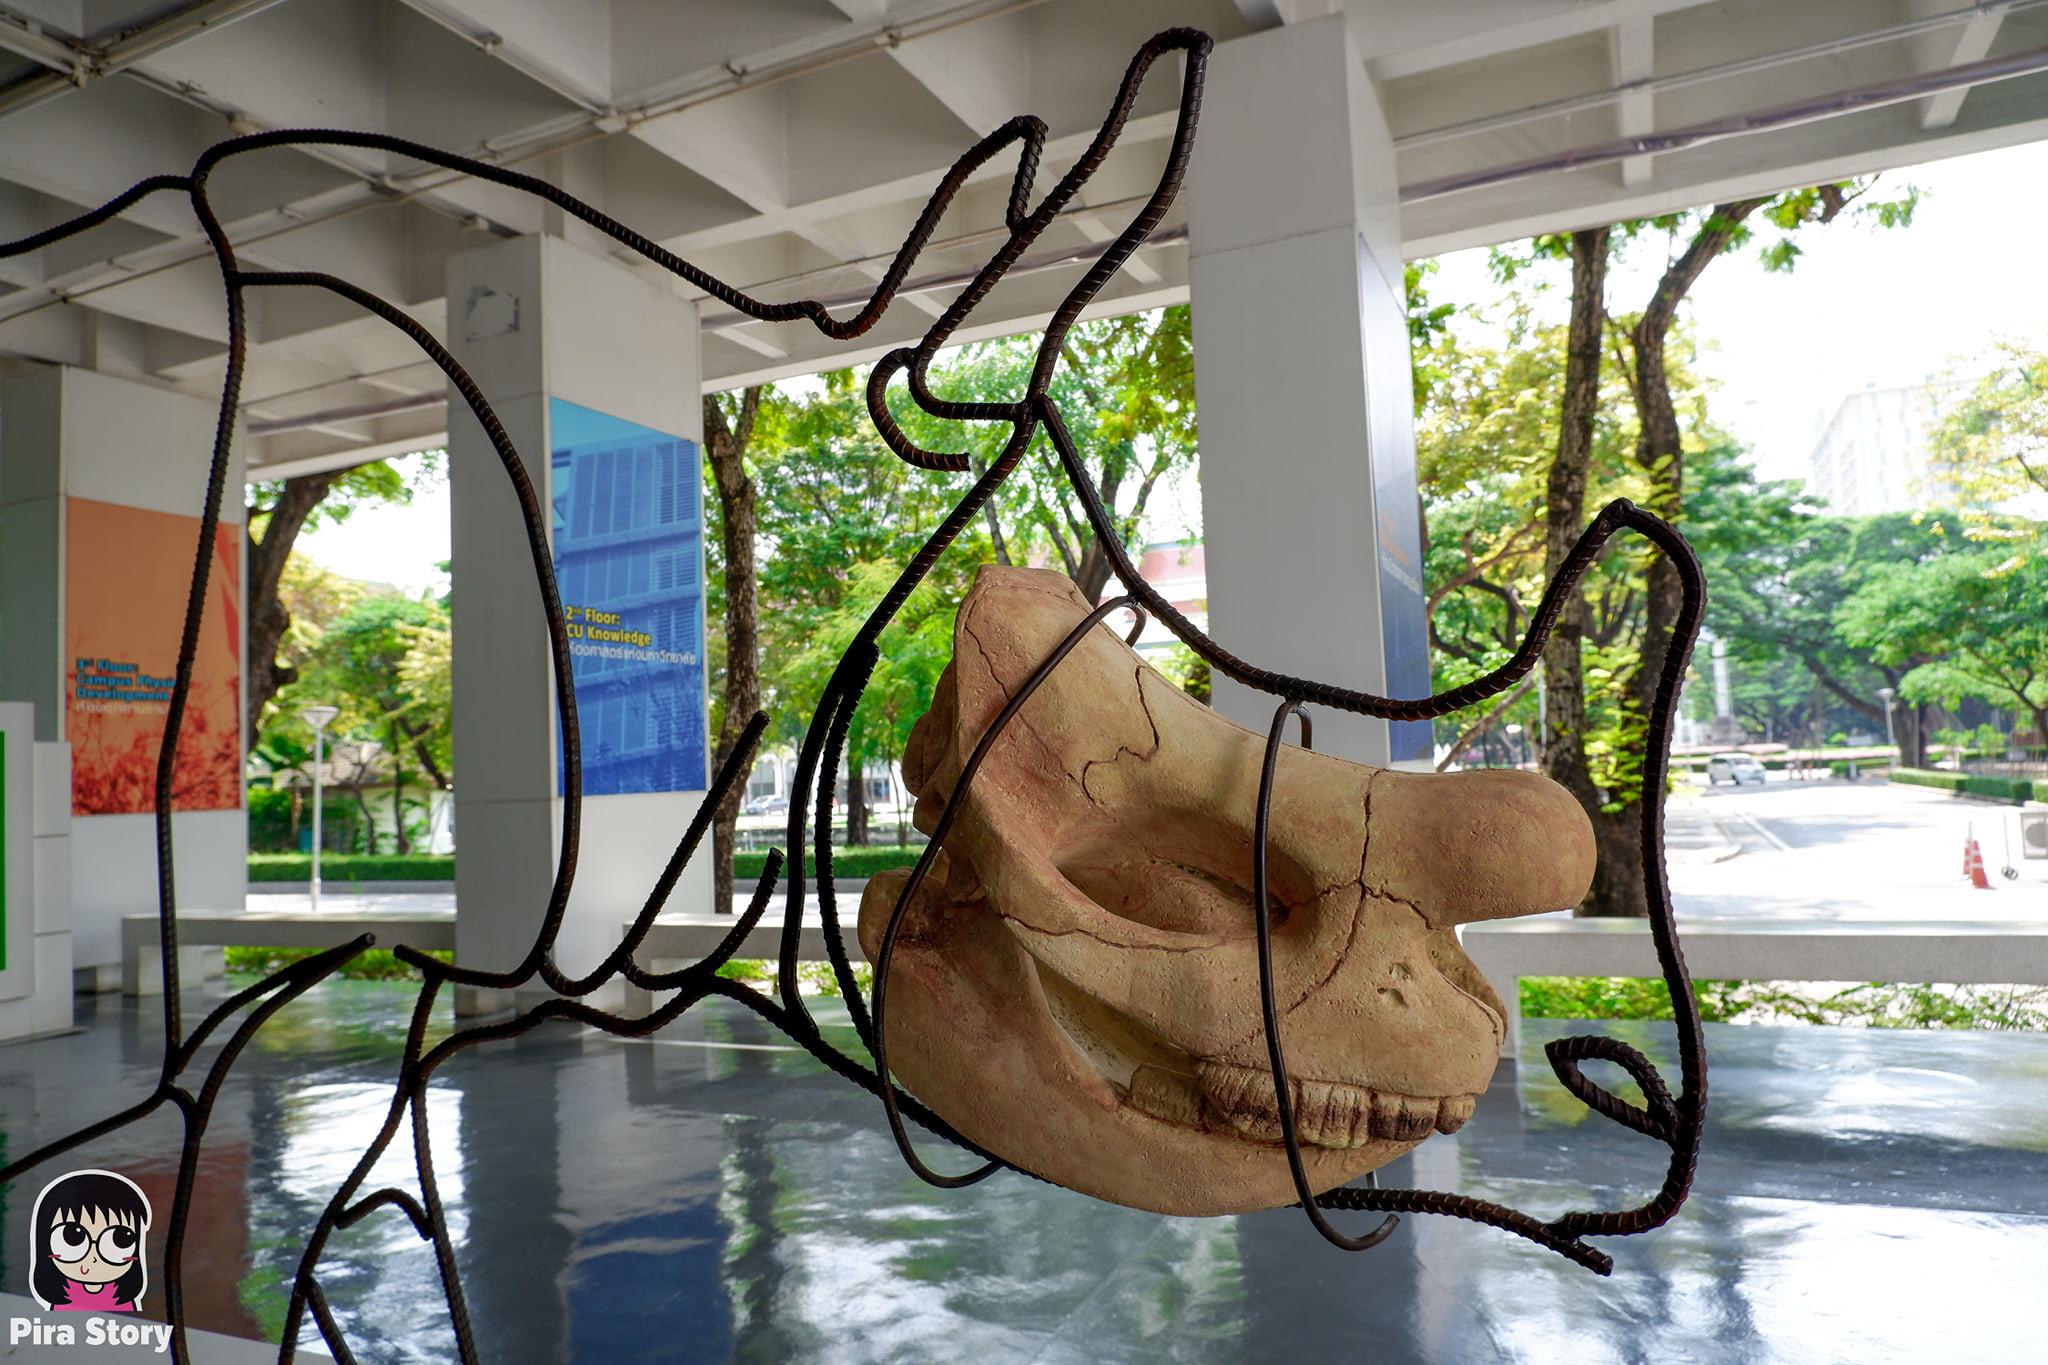 ความลับของโครงกระดูก Skeleton's Secrets ศึกษากายวิภาคสัตว์ ที่พิพิธภัณฑ์ จุฬาลงกรณ์มหาวิทยาลัย คณะวิทยาศาสตร์ ชีววิทยา Night at the museum 2020 เที่ยวพิพิธภัณฑ์ เที่ยวกรุงเทพ สยาม กระดูกสัตว์ กายวิภาคศาสตร์ โครงสร้างร่างกาย โครงสร้างกระดูก สัตว์เลี้ยงลูกด้วยนม สัตว์มีกระดูกสันหลัง กระดูกแรด